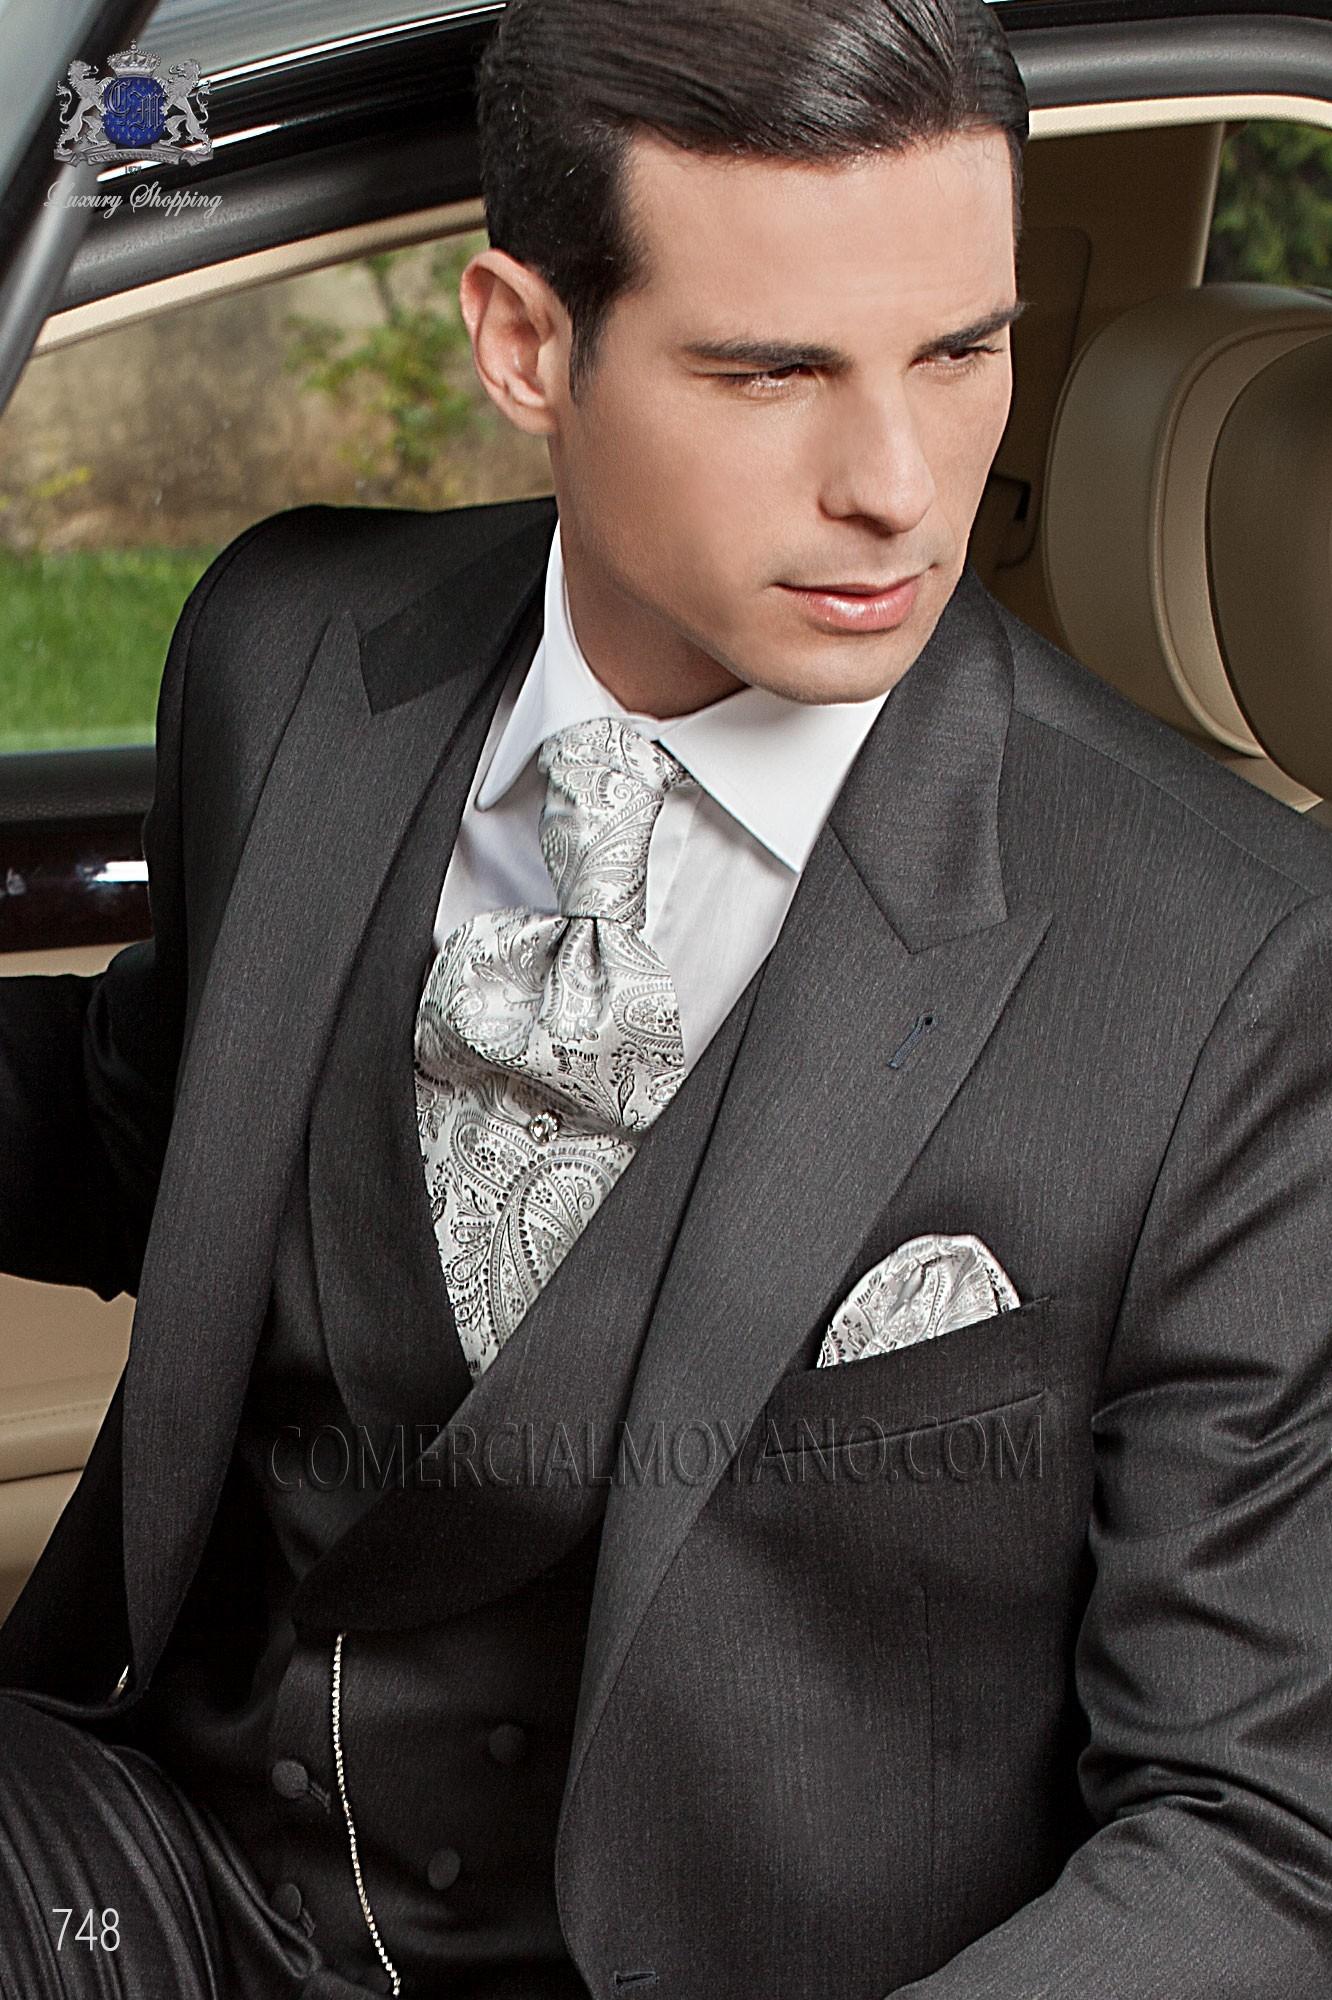 Traje Fashion de novio gris modelo: 748 Ottavio Nuccio Gala colección Fashion